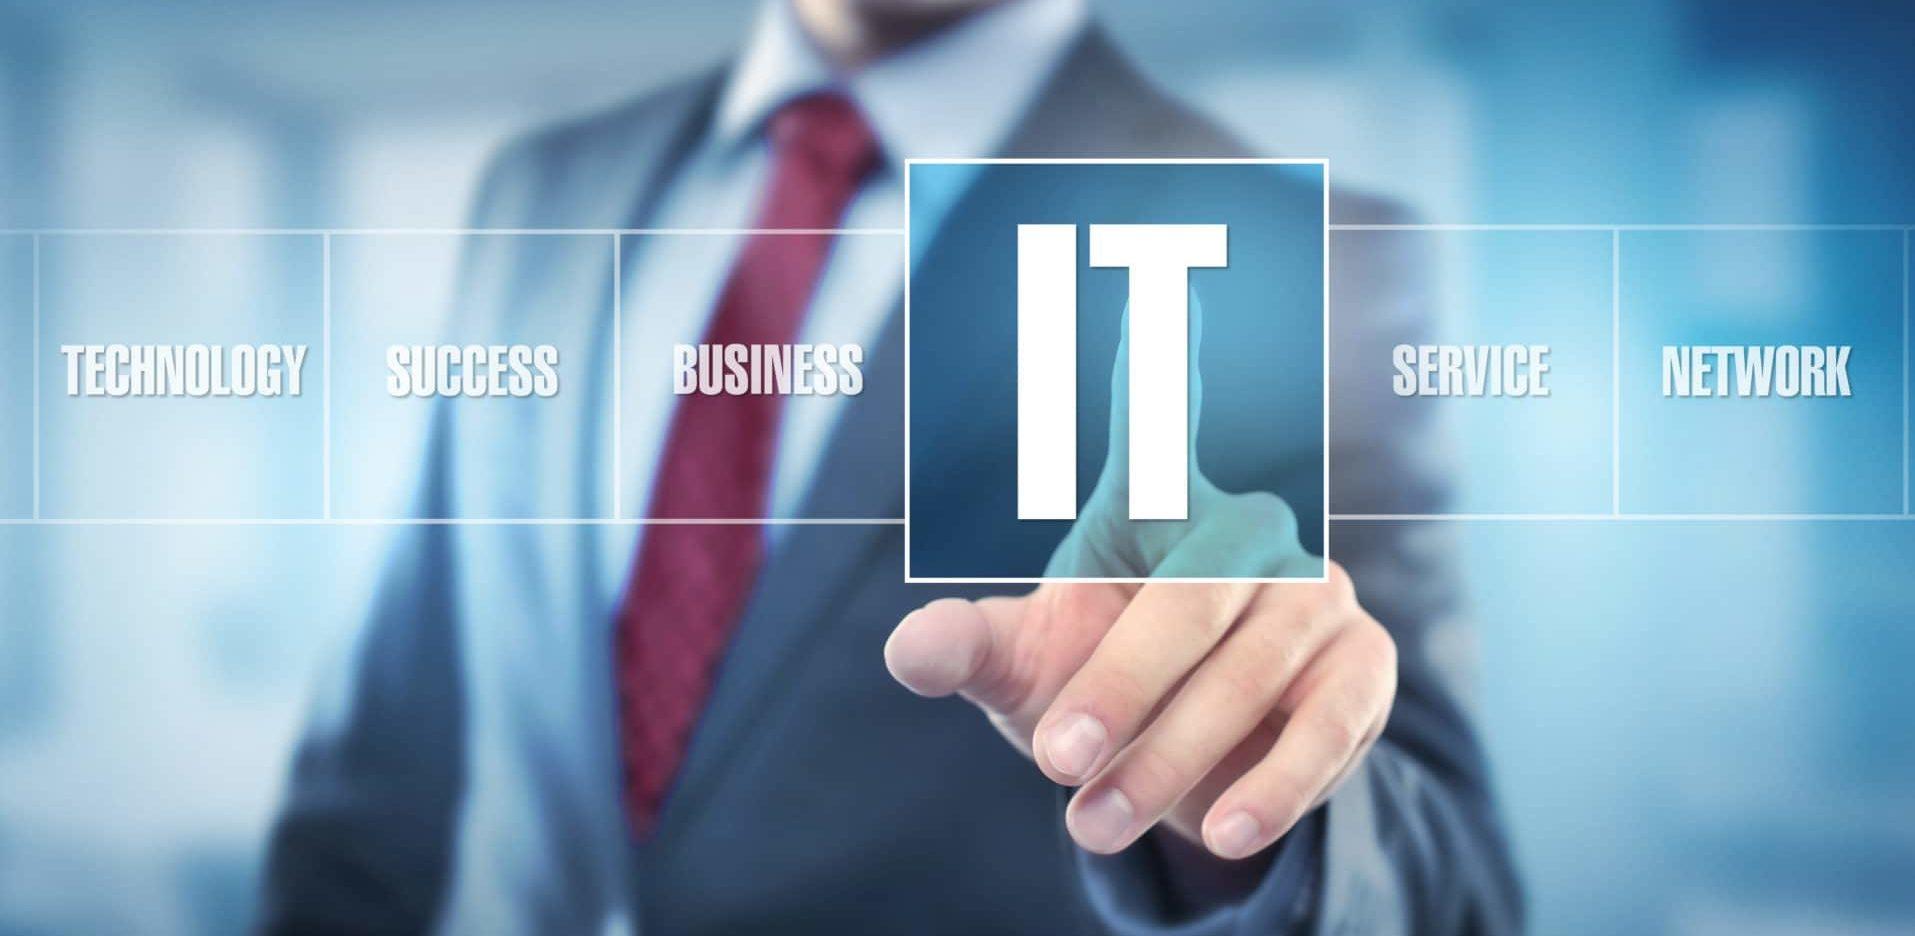 Datengetriebene Digitalisierung ist ein Ansatz, der Digitalisierungskonzepte und -produkte um datengetriebene Ansätze erweitert und anreichert.